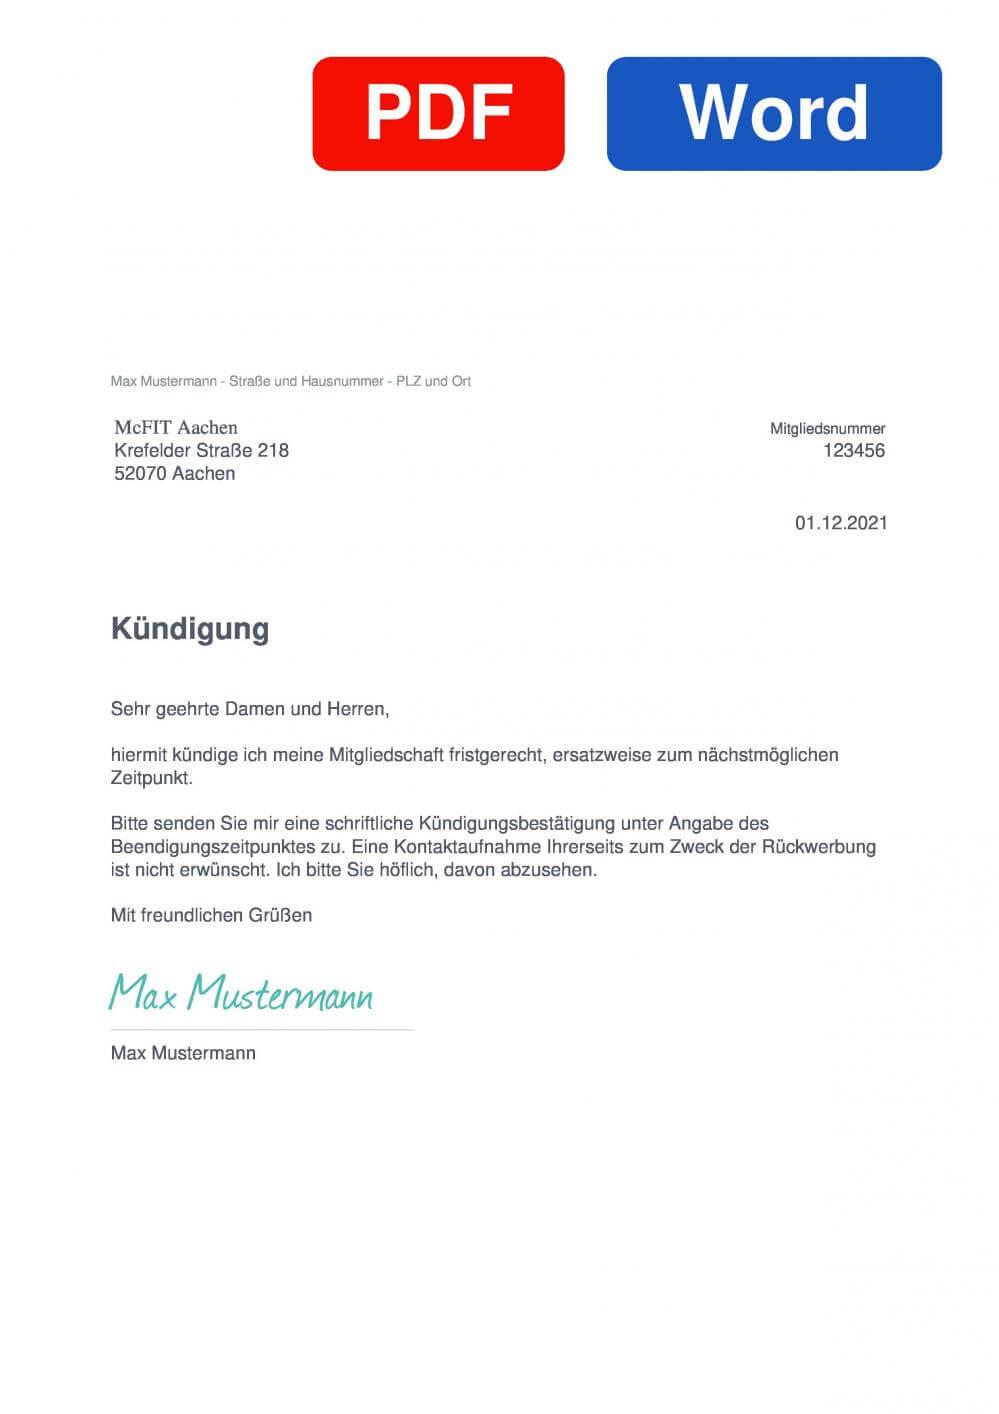 McFIT Aachen Krefelder Straße Muster Vorlage für Kündigungsschreiben